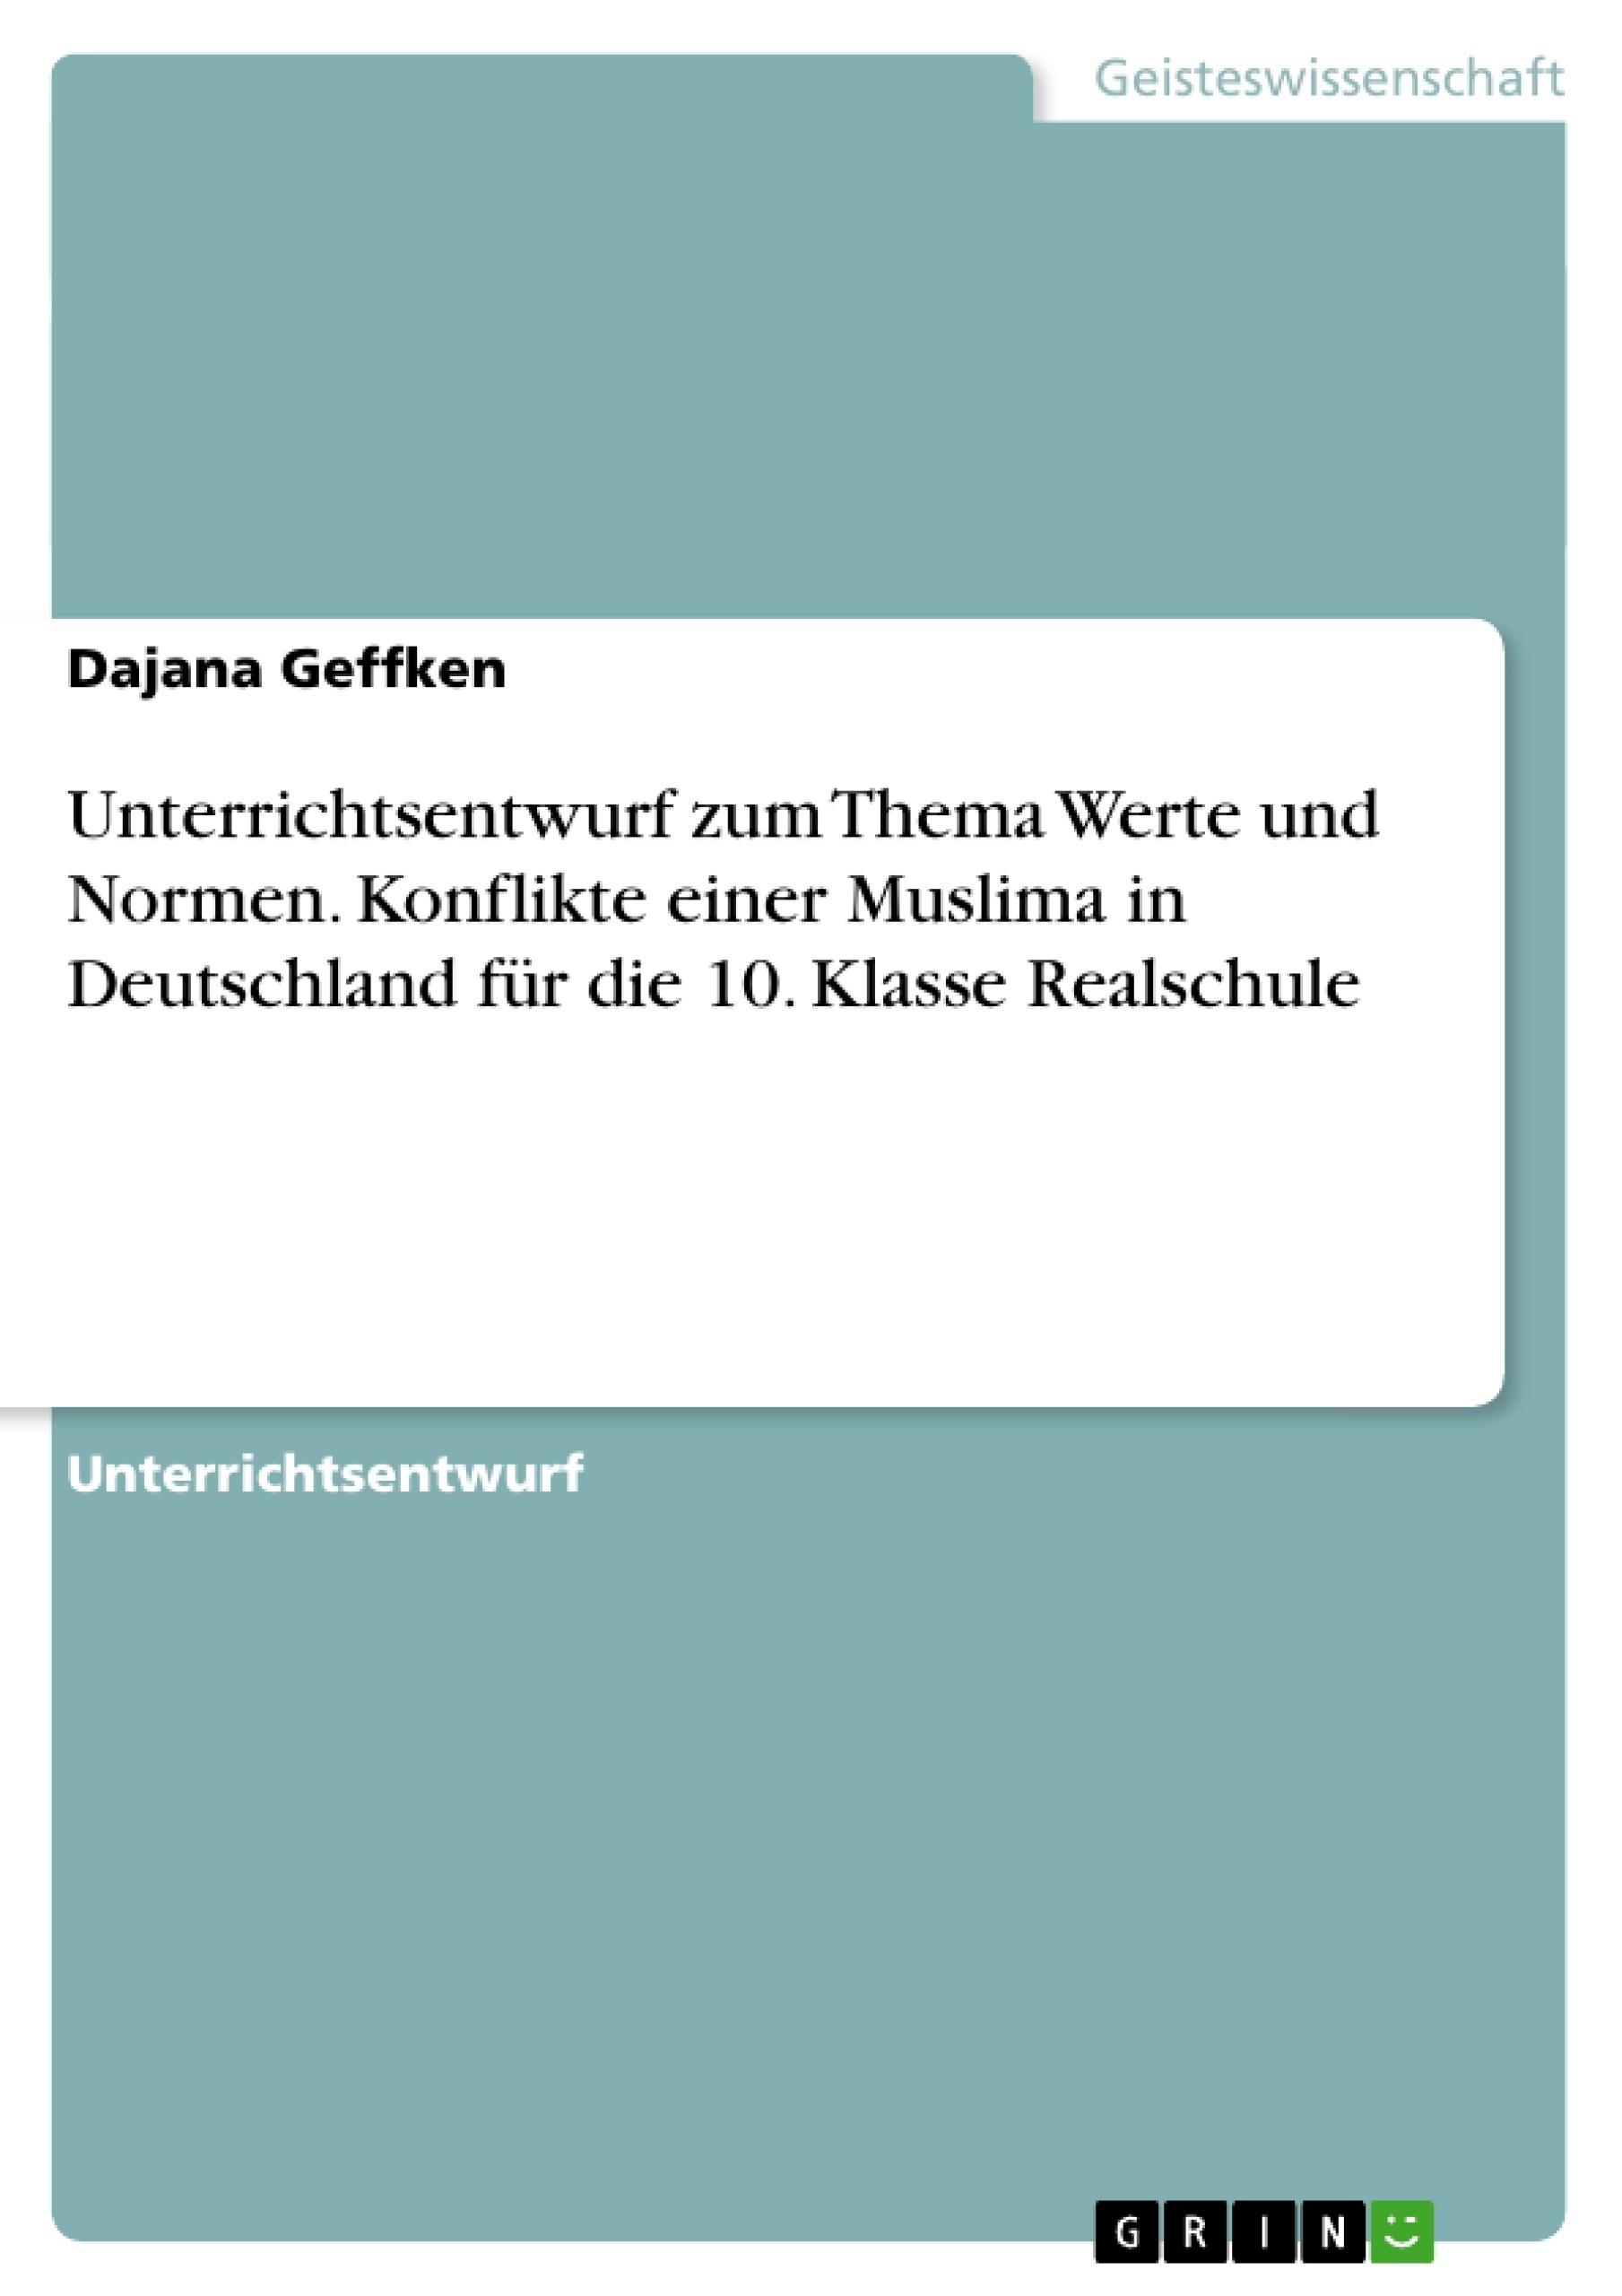 Titel: Unterrichtsentwurf zum Thema Werte und Normen. Konflikte einer Muslima in Deutschland für die 10. Klasse Realschule